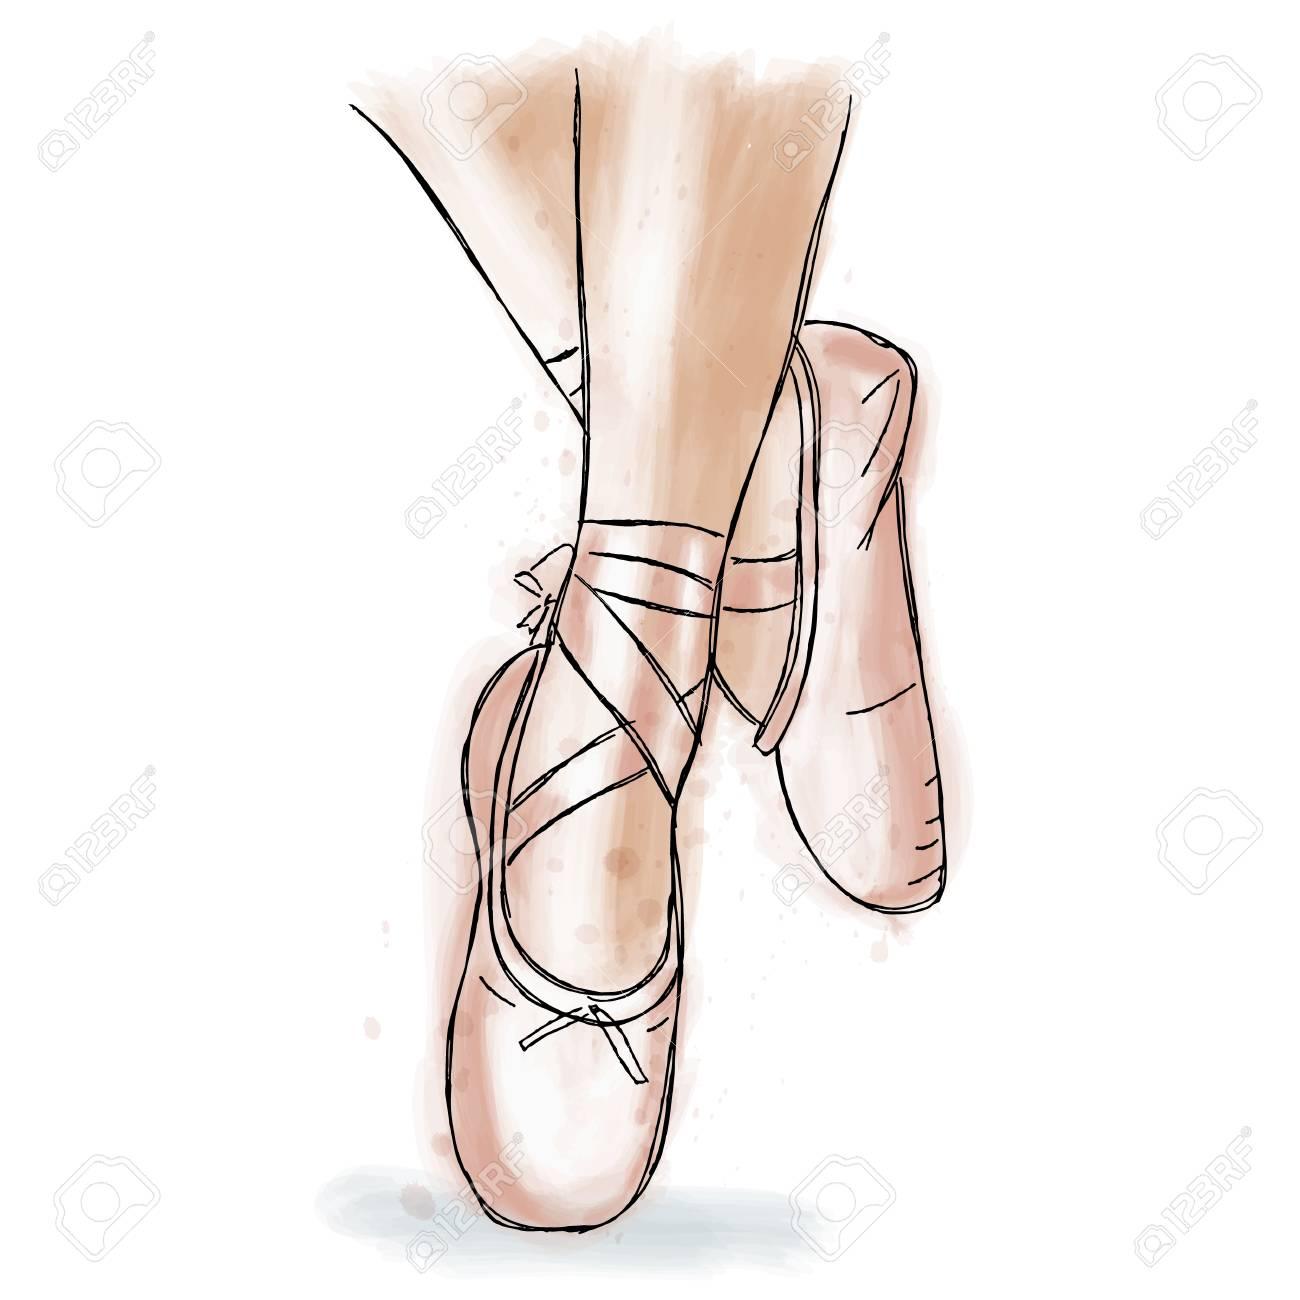 Rosa Ballerina Schuhe Ballett Pointe Schuhe Mit Schleife Hand